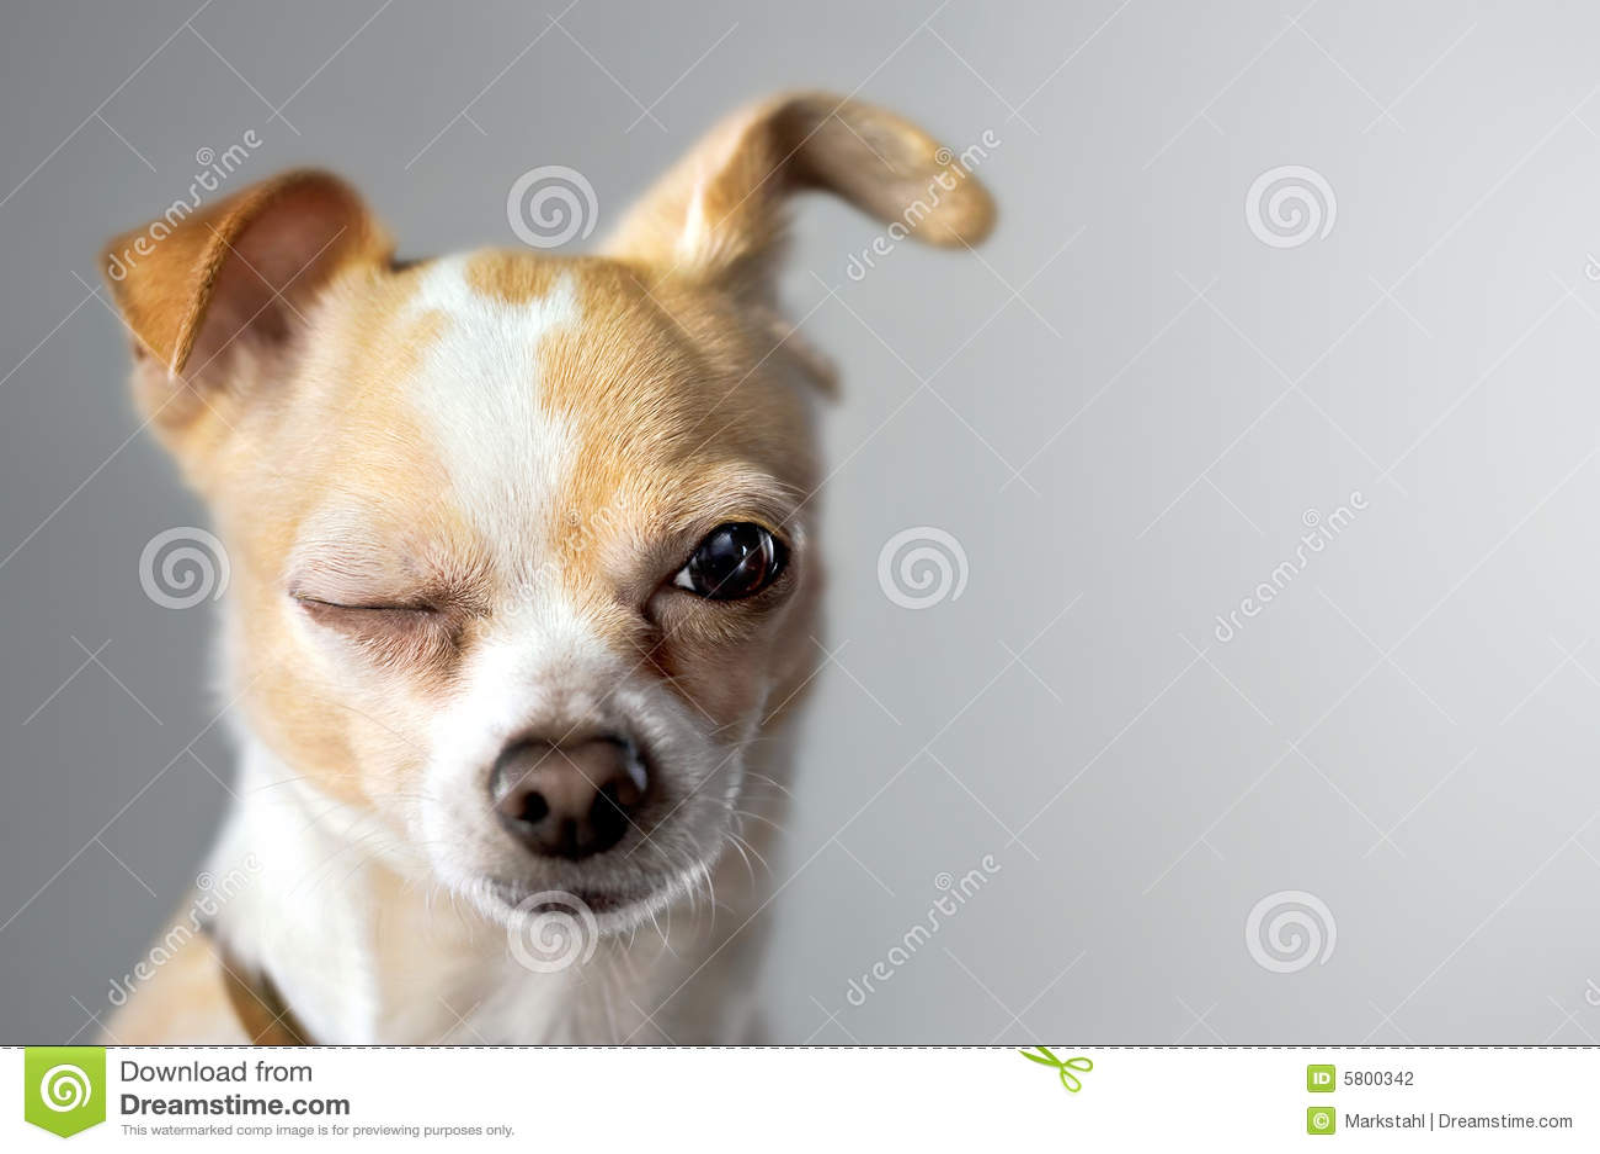 Pisc a chihuahua parece dizer olá!